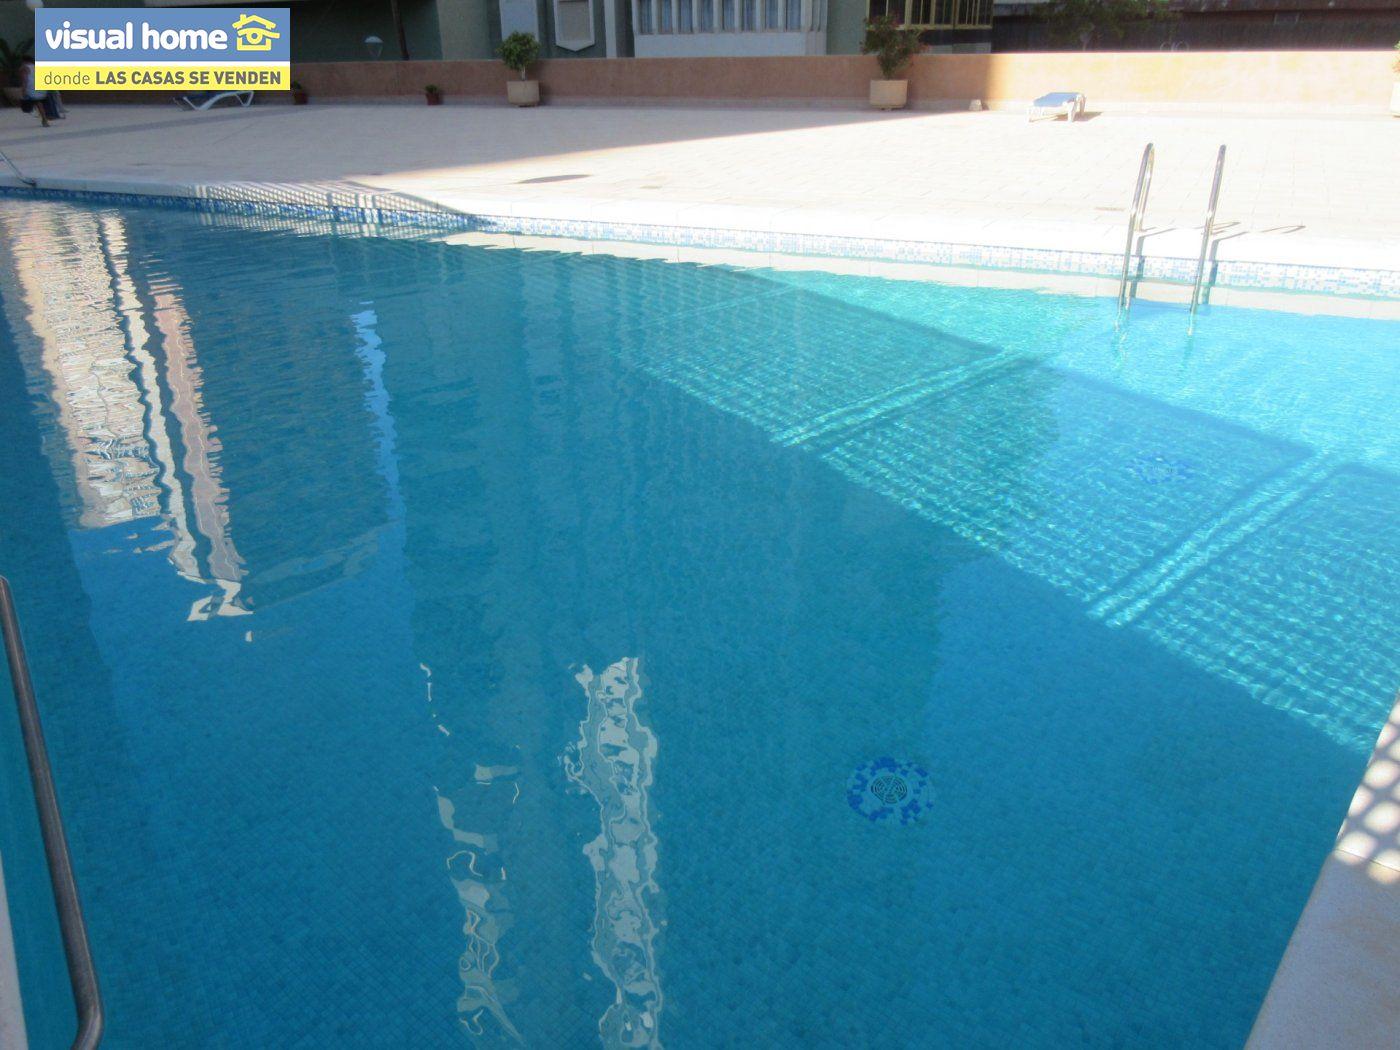 Apartamento todo exterior en Av/ Mediterráneo con garaje y piscina a 50 mts de la playa 2